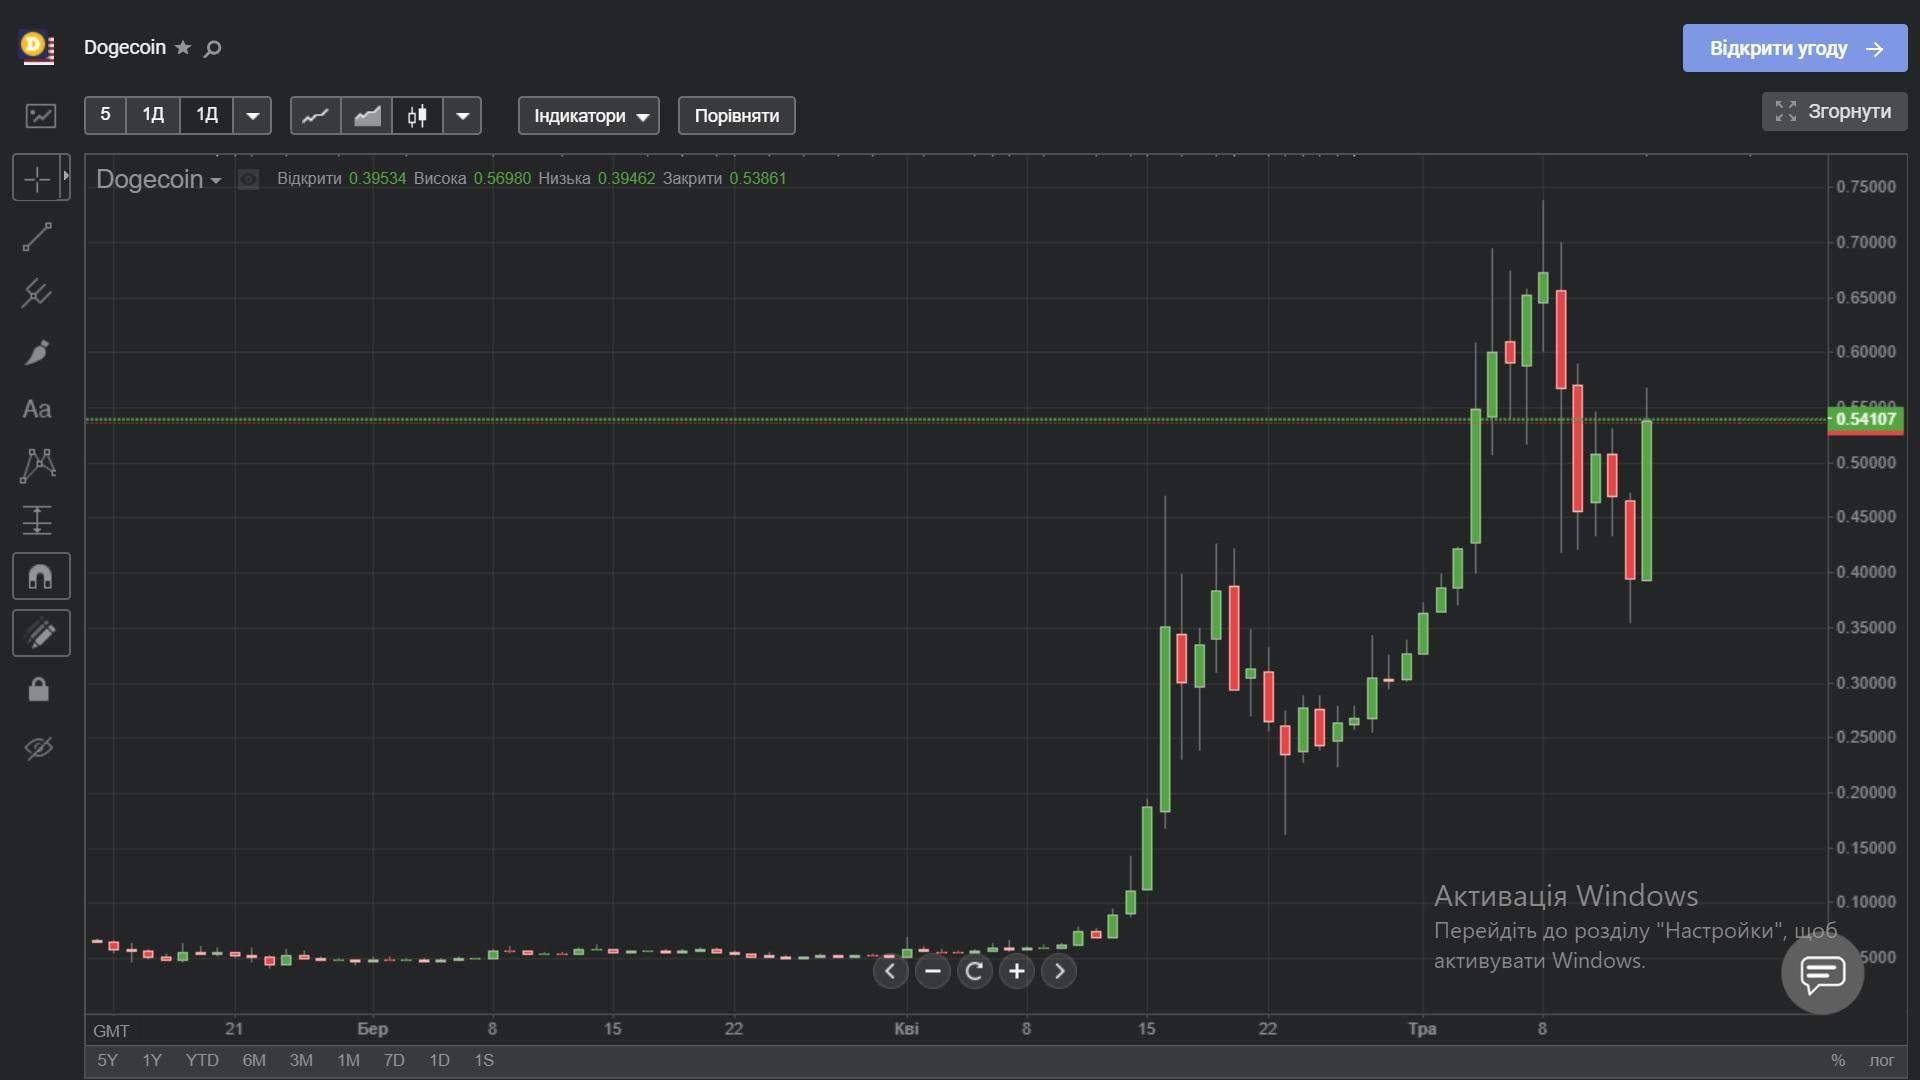 Ціна Dogecoin з лютого 2021 року